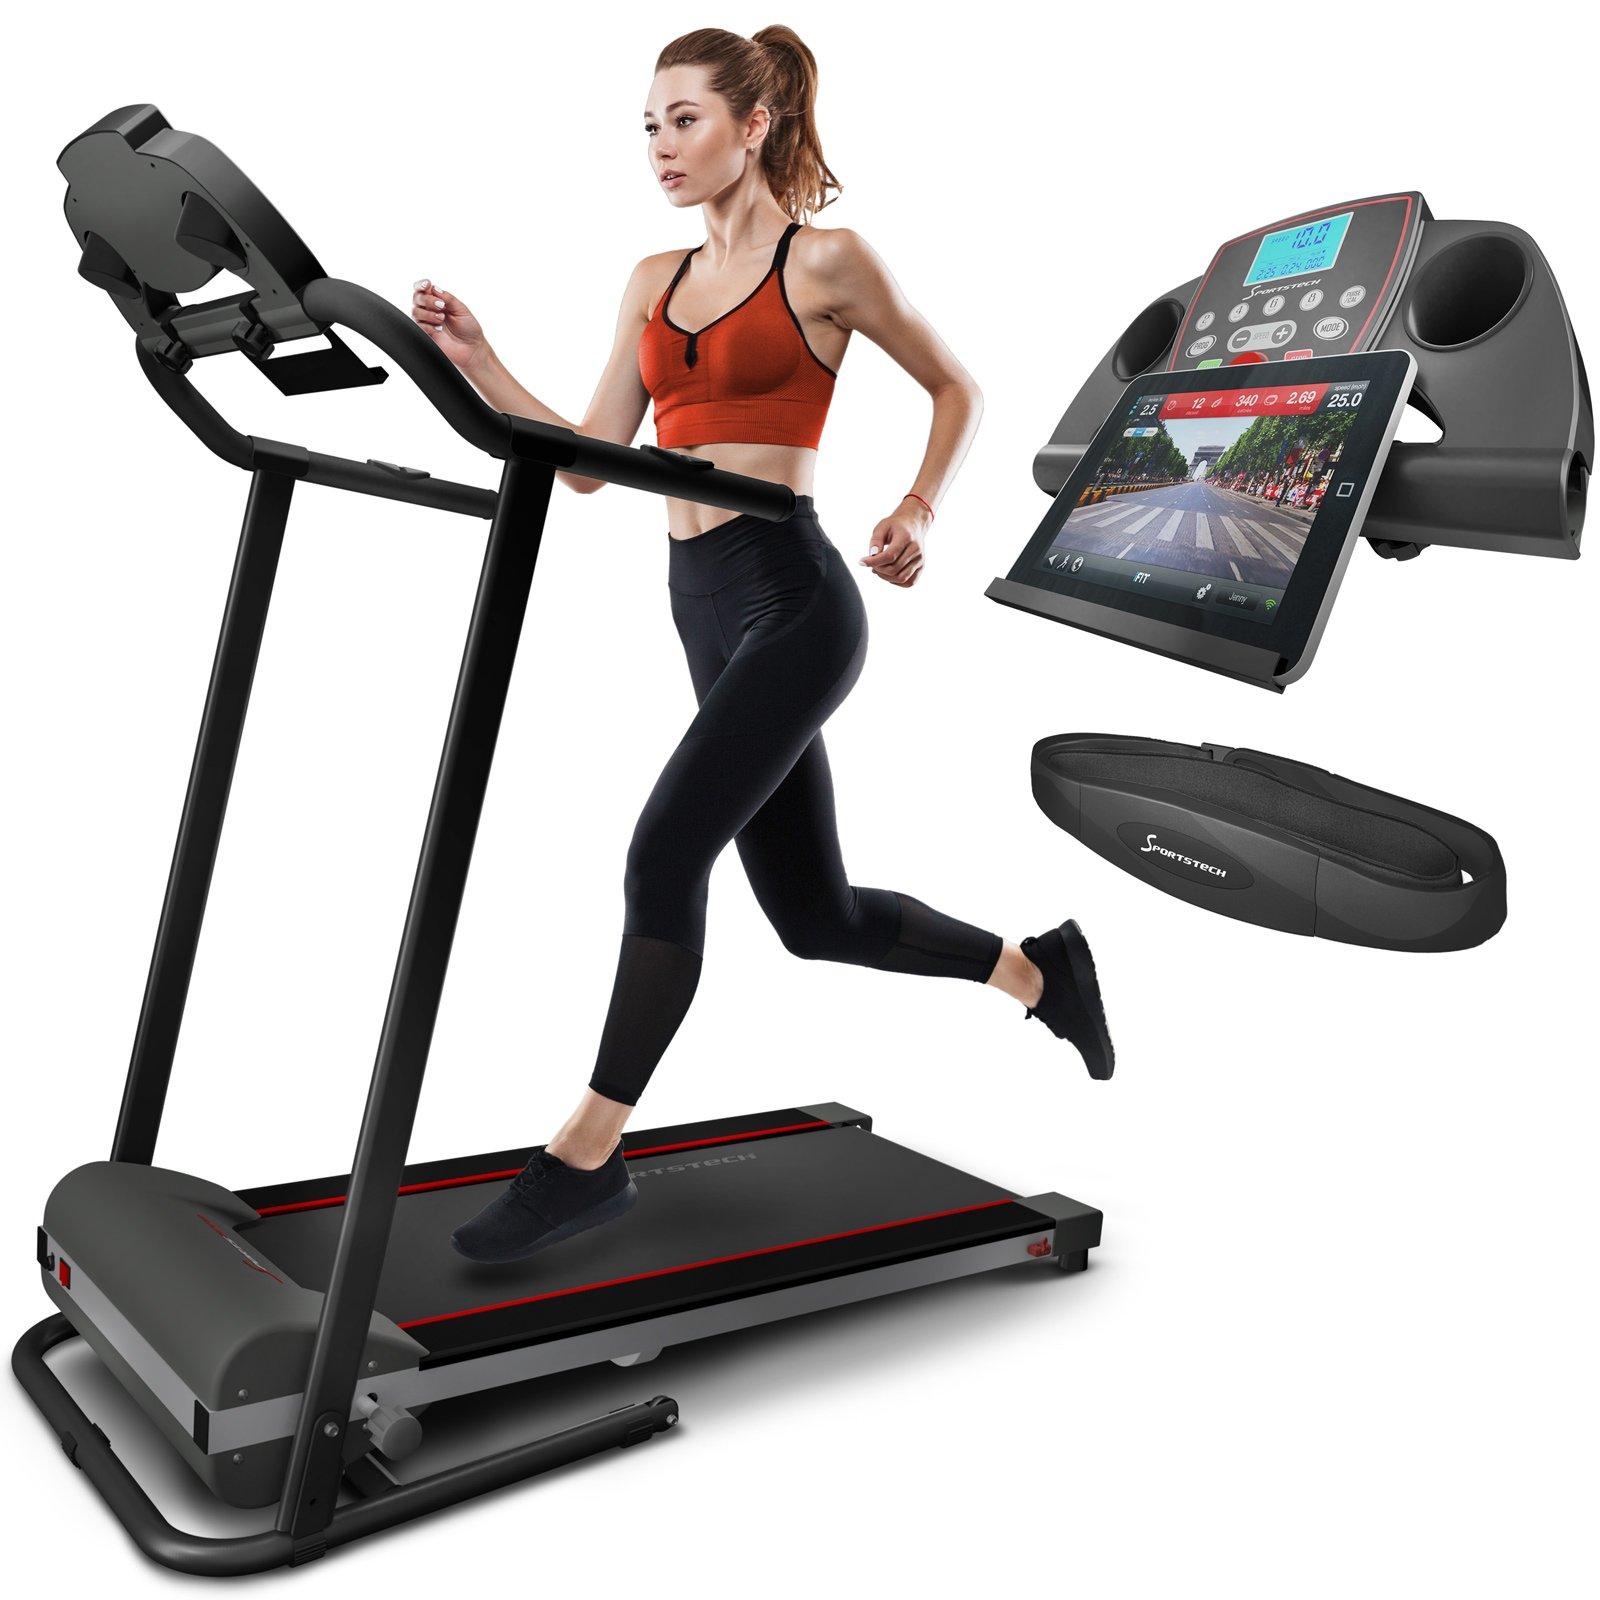 Sportstech F10 Cinta de Correr eléctrica Plegable controlable por Smartphone y Tablet. Sensor de Pulso Incluido, Bluetooth, 1HP, 10KM/H. con 13 programas de Ejercicio product image